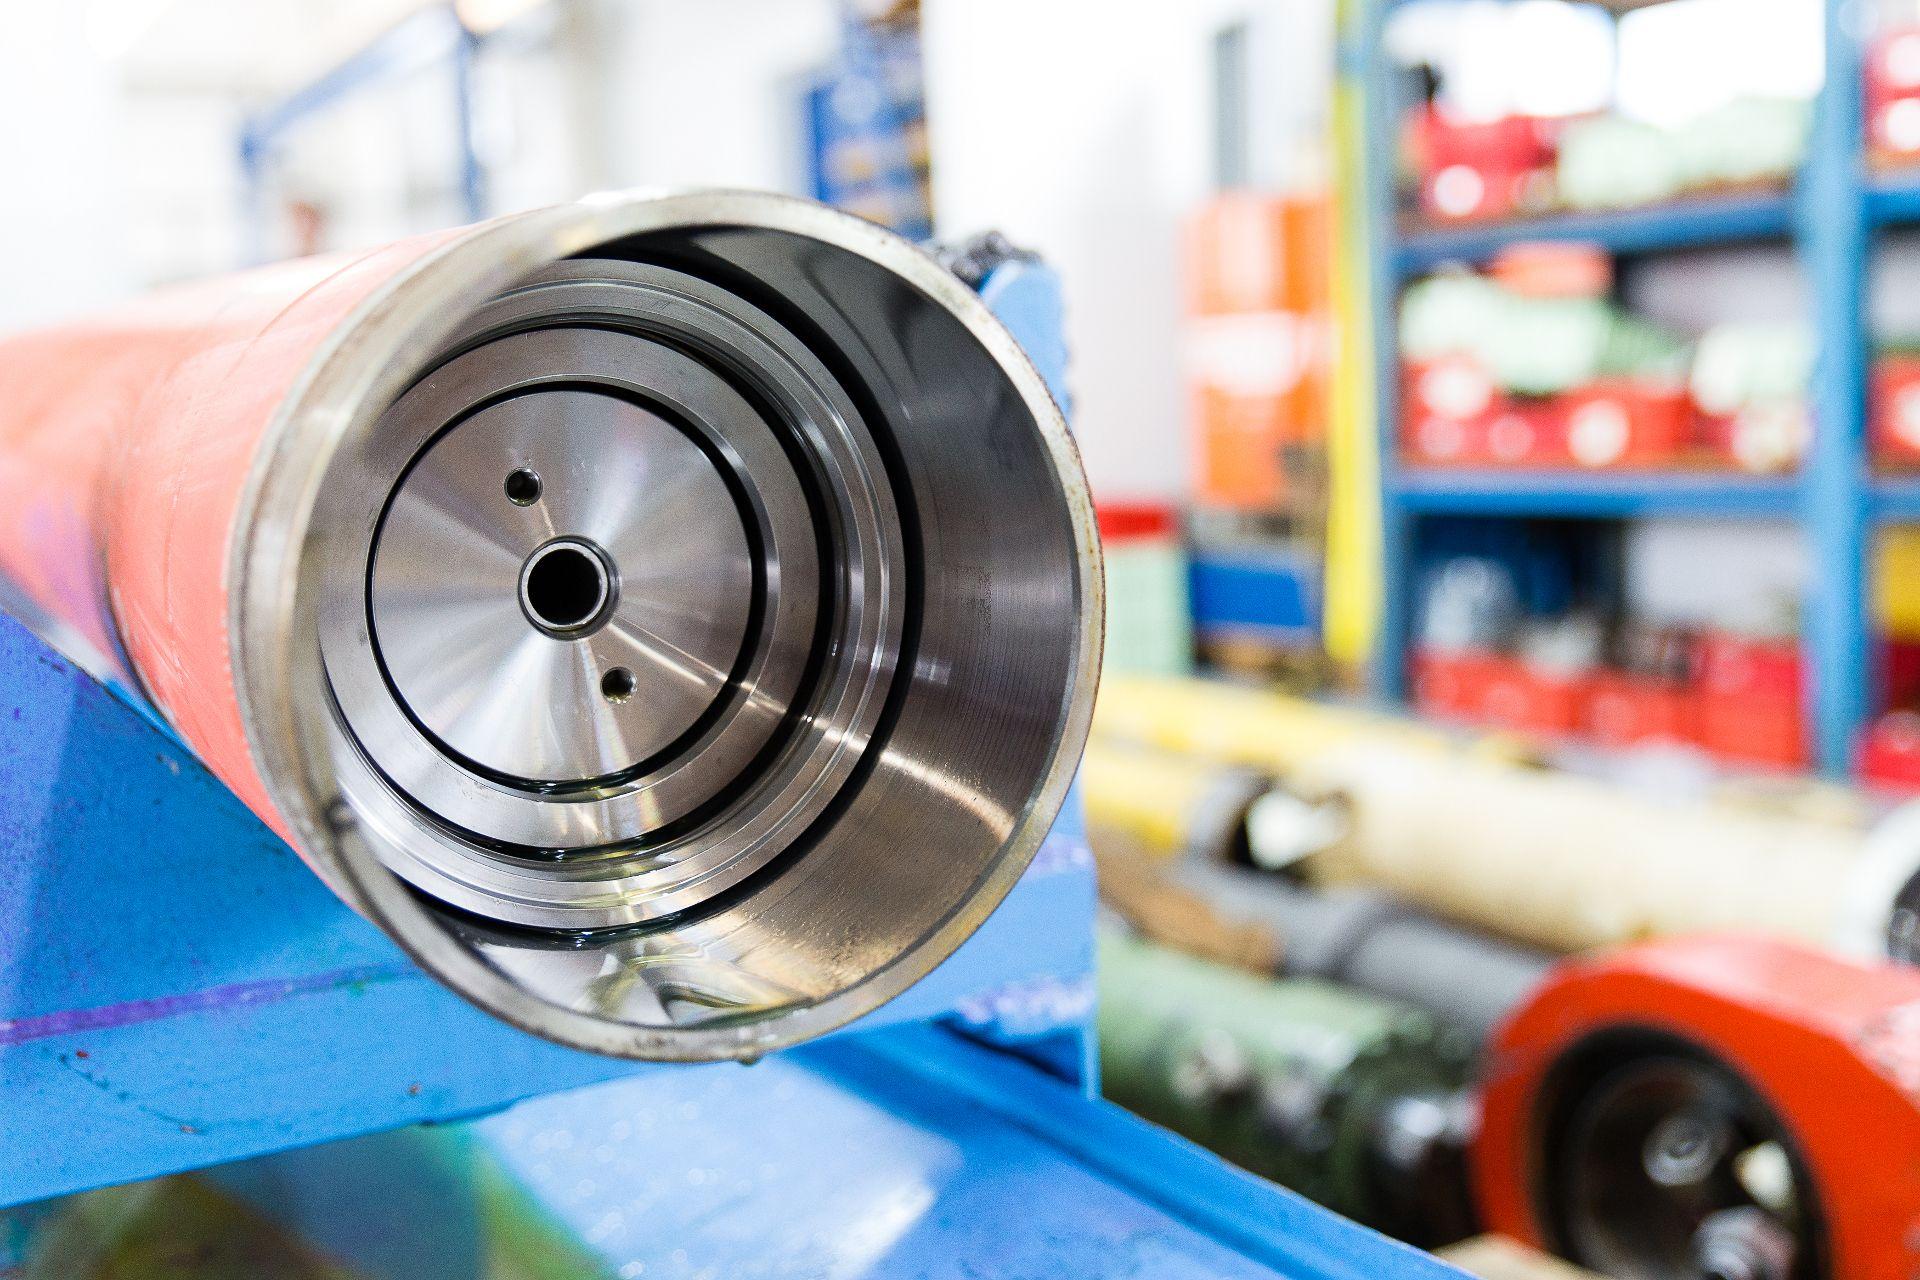 Blick in einen offenen Hydraulikzylinder